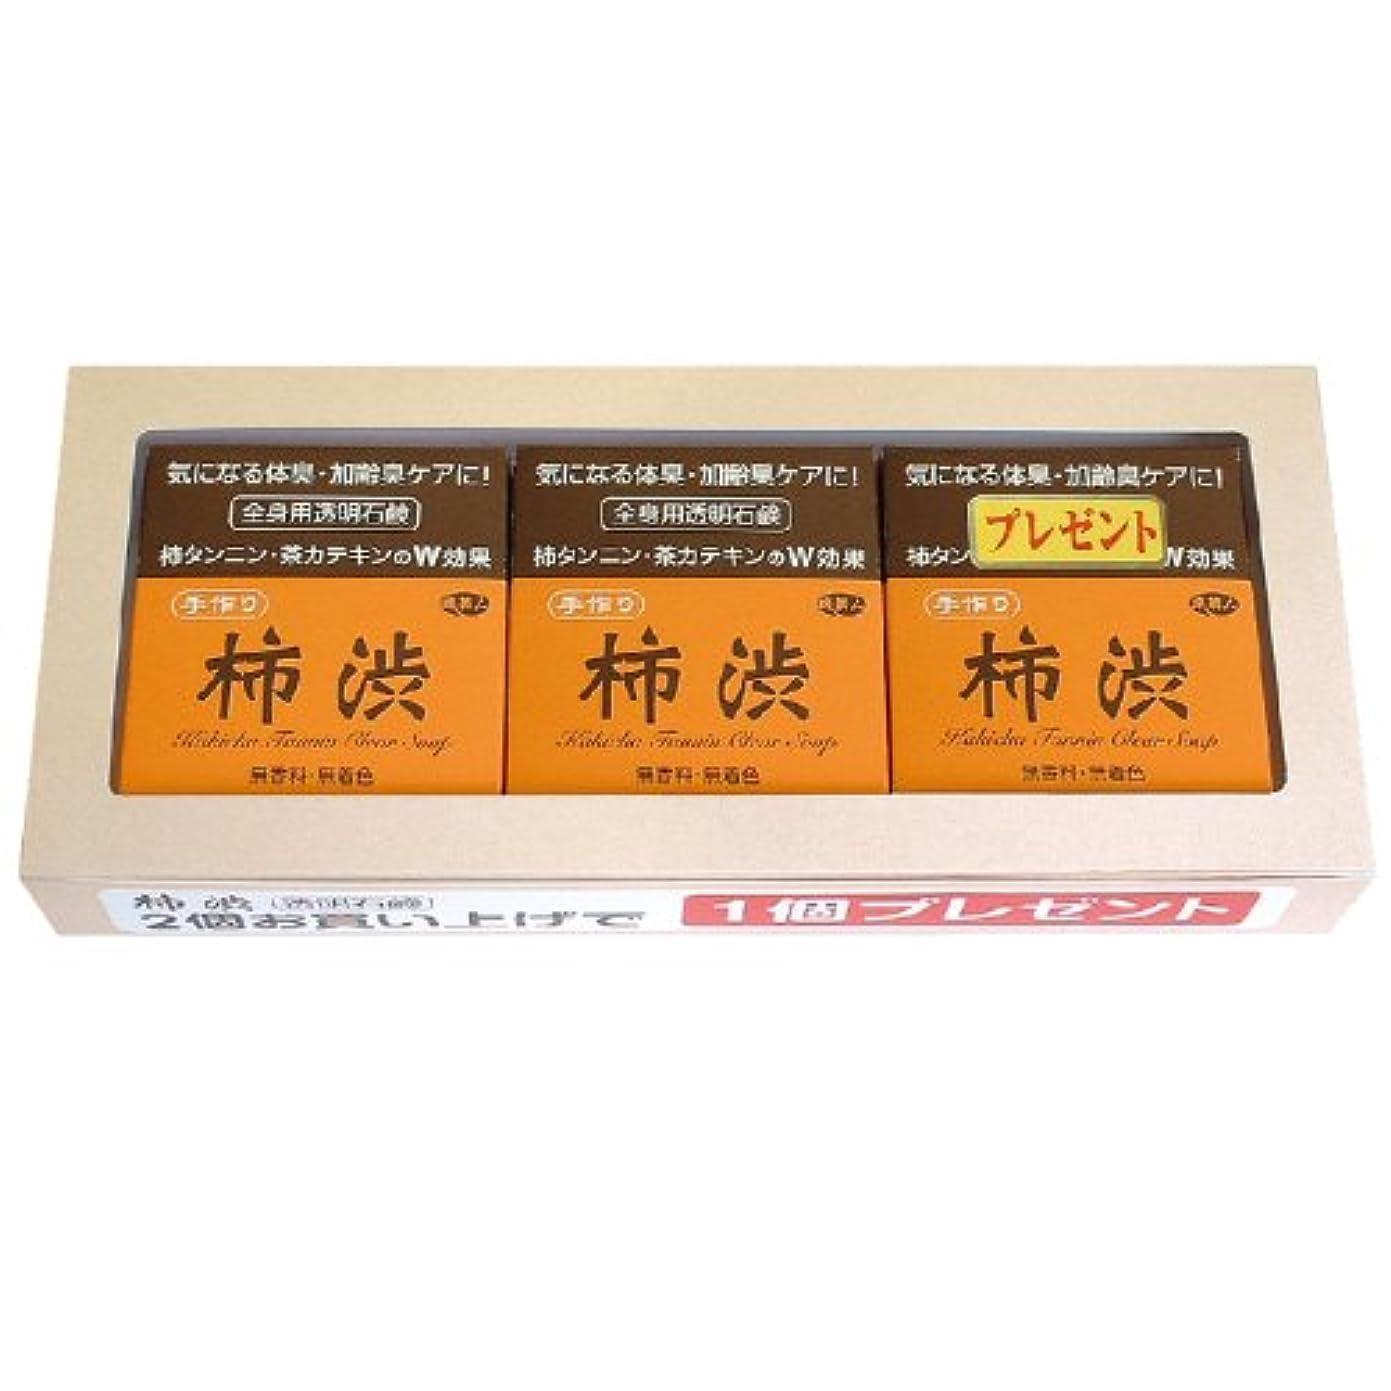 中に用心深いこれらアズマ商事の 柿渋透明石鹸 2個の値段で3個入りセット